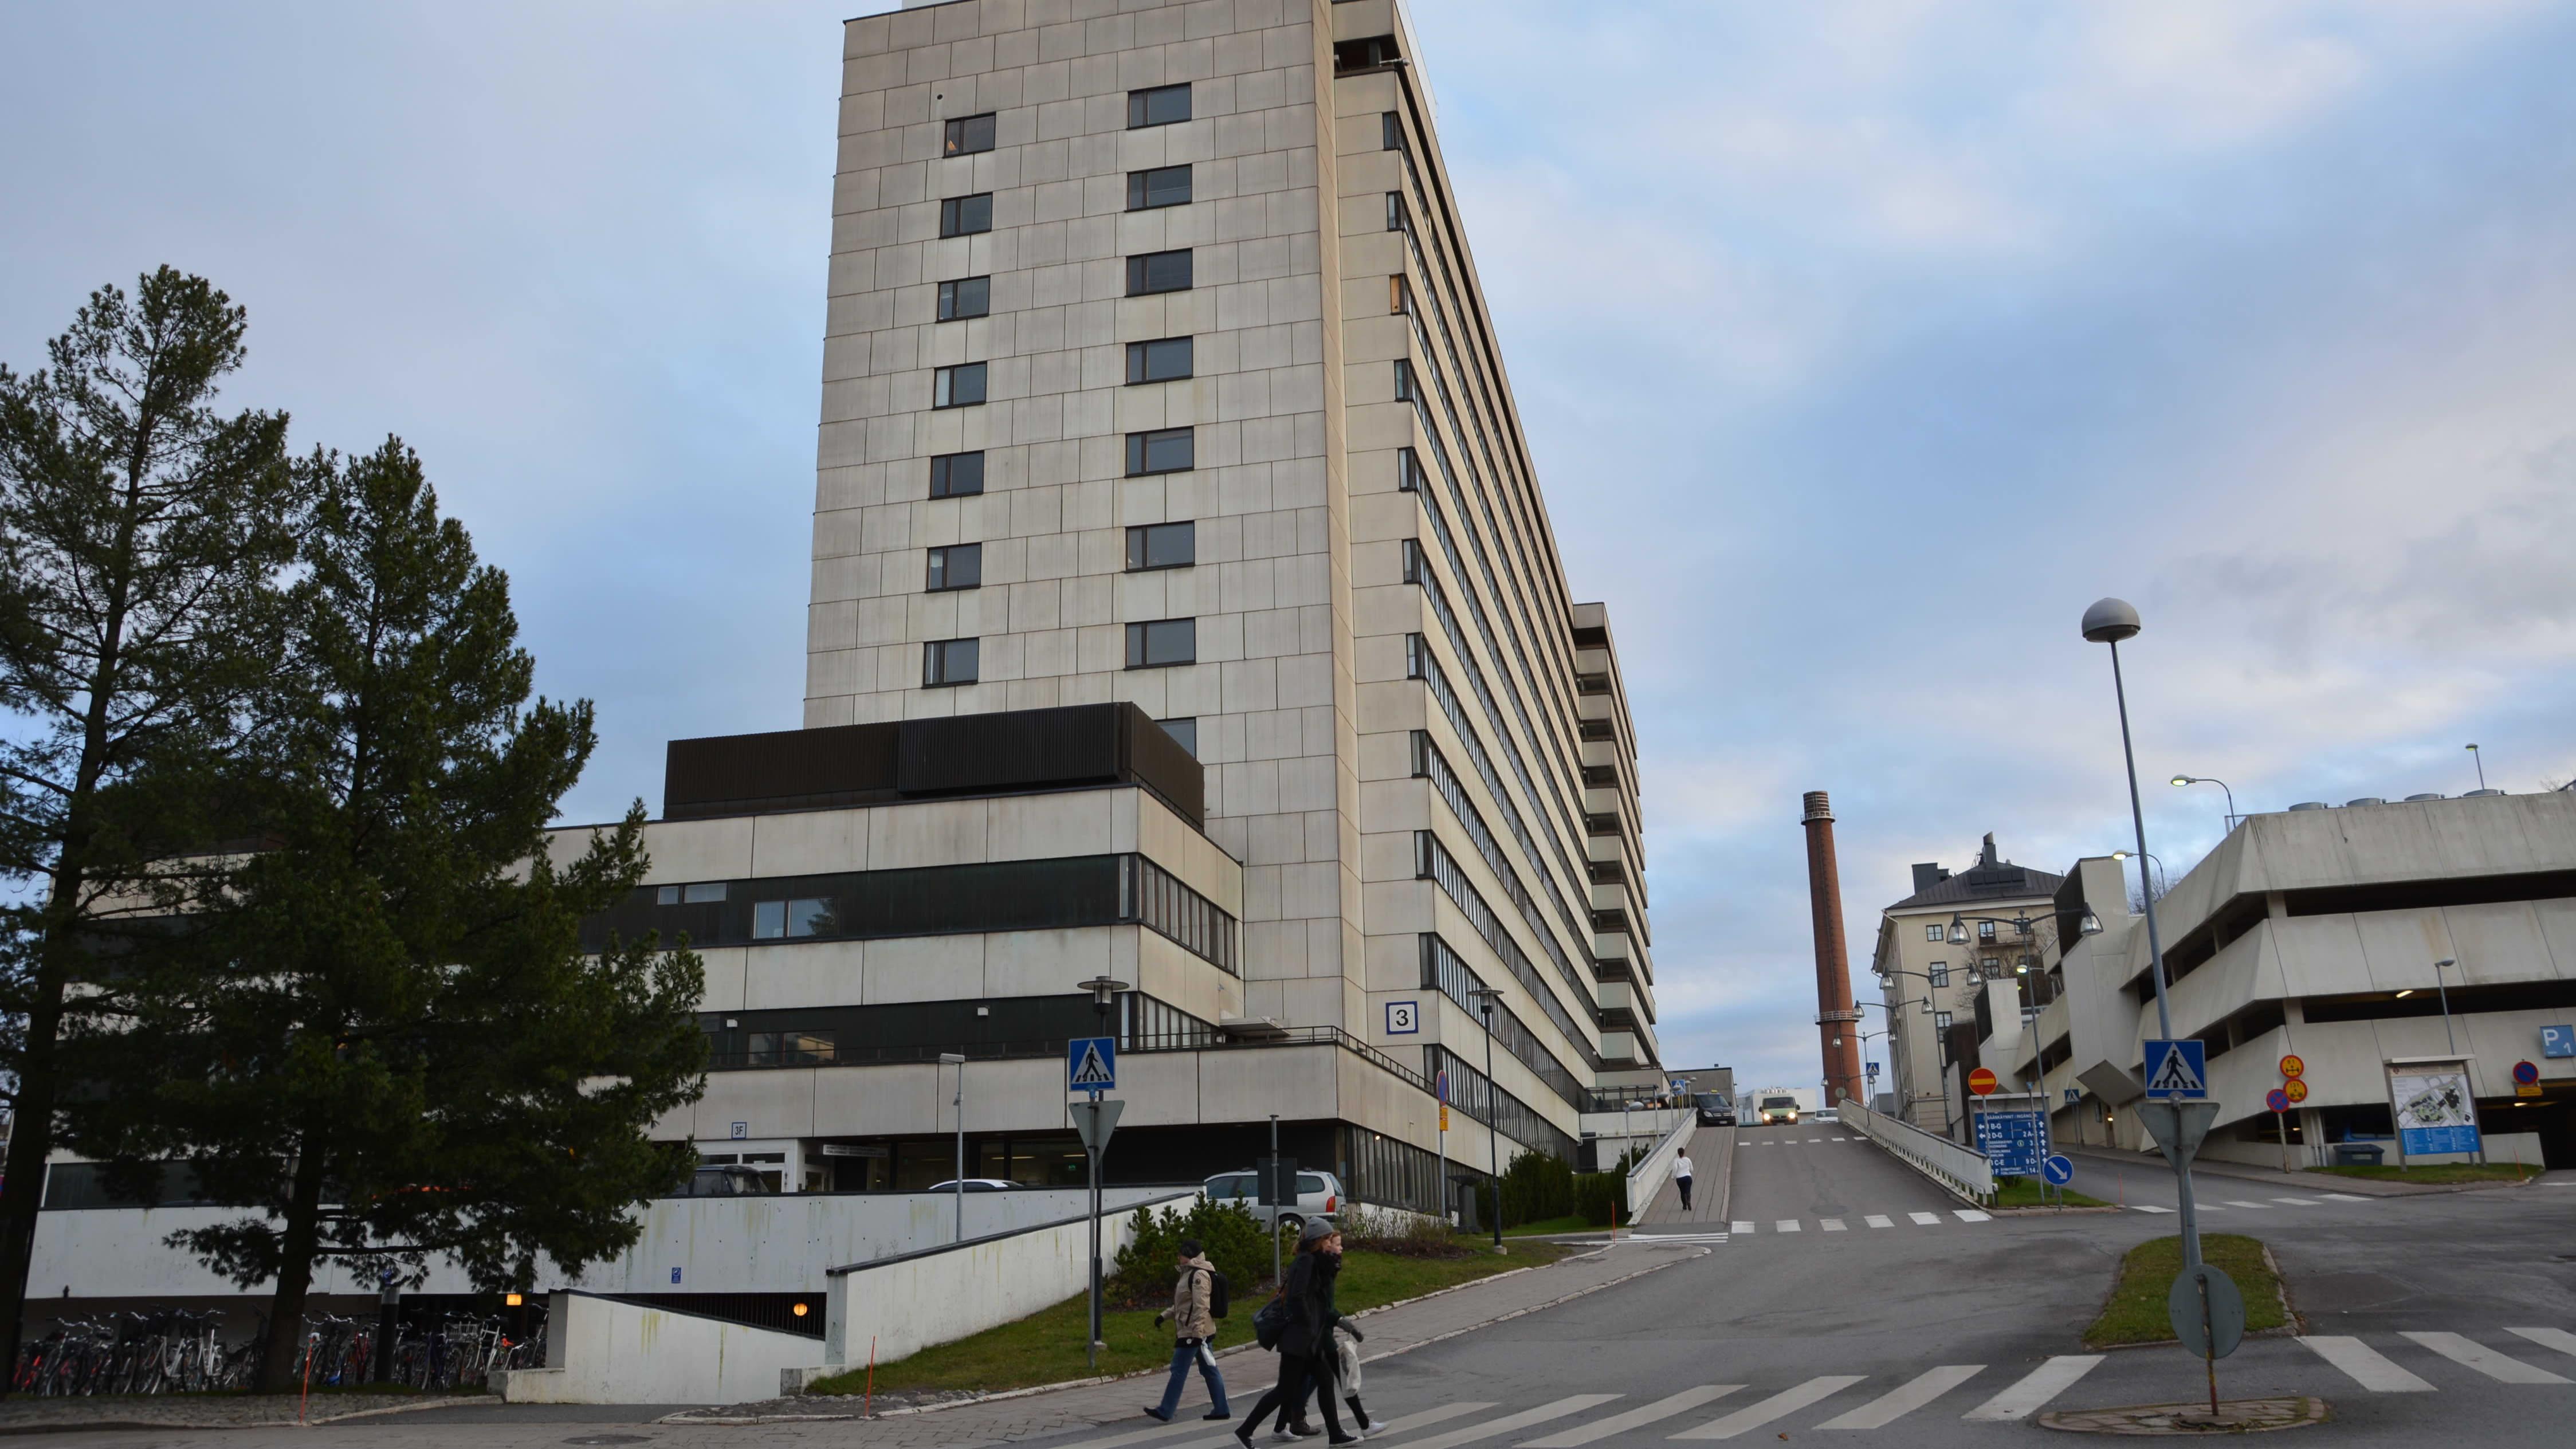 Turun yliopistollinen keskussairaala.